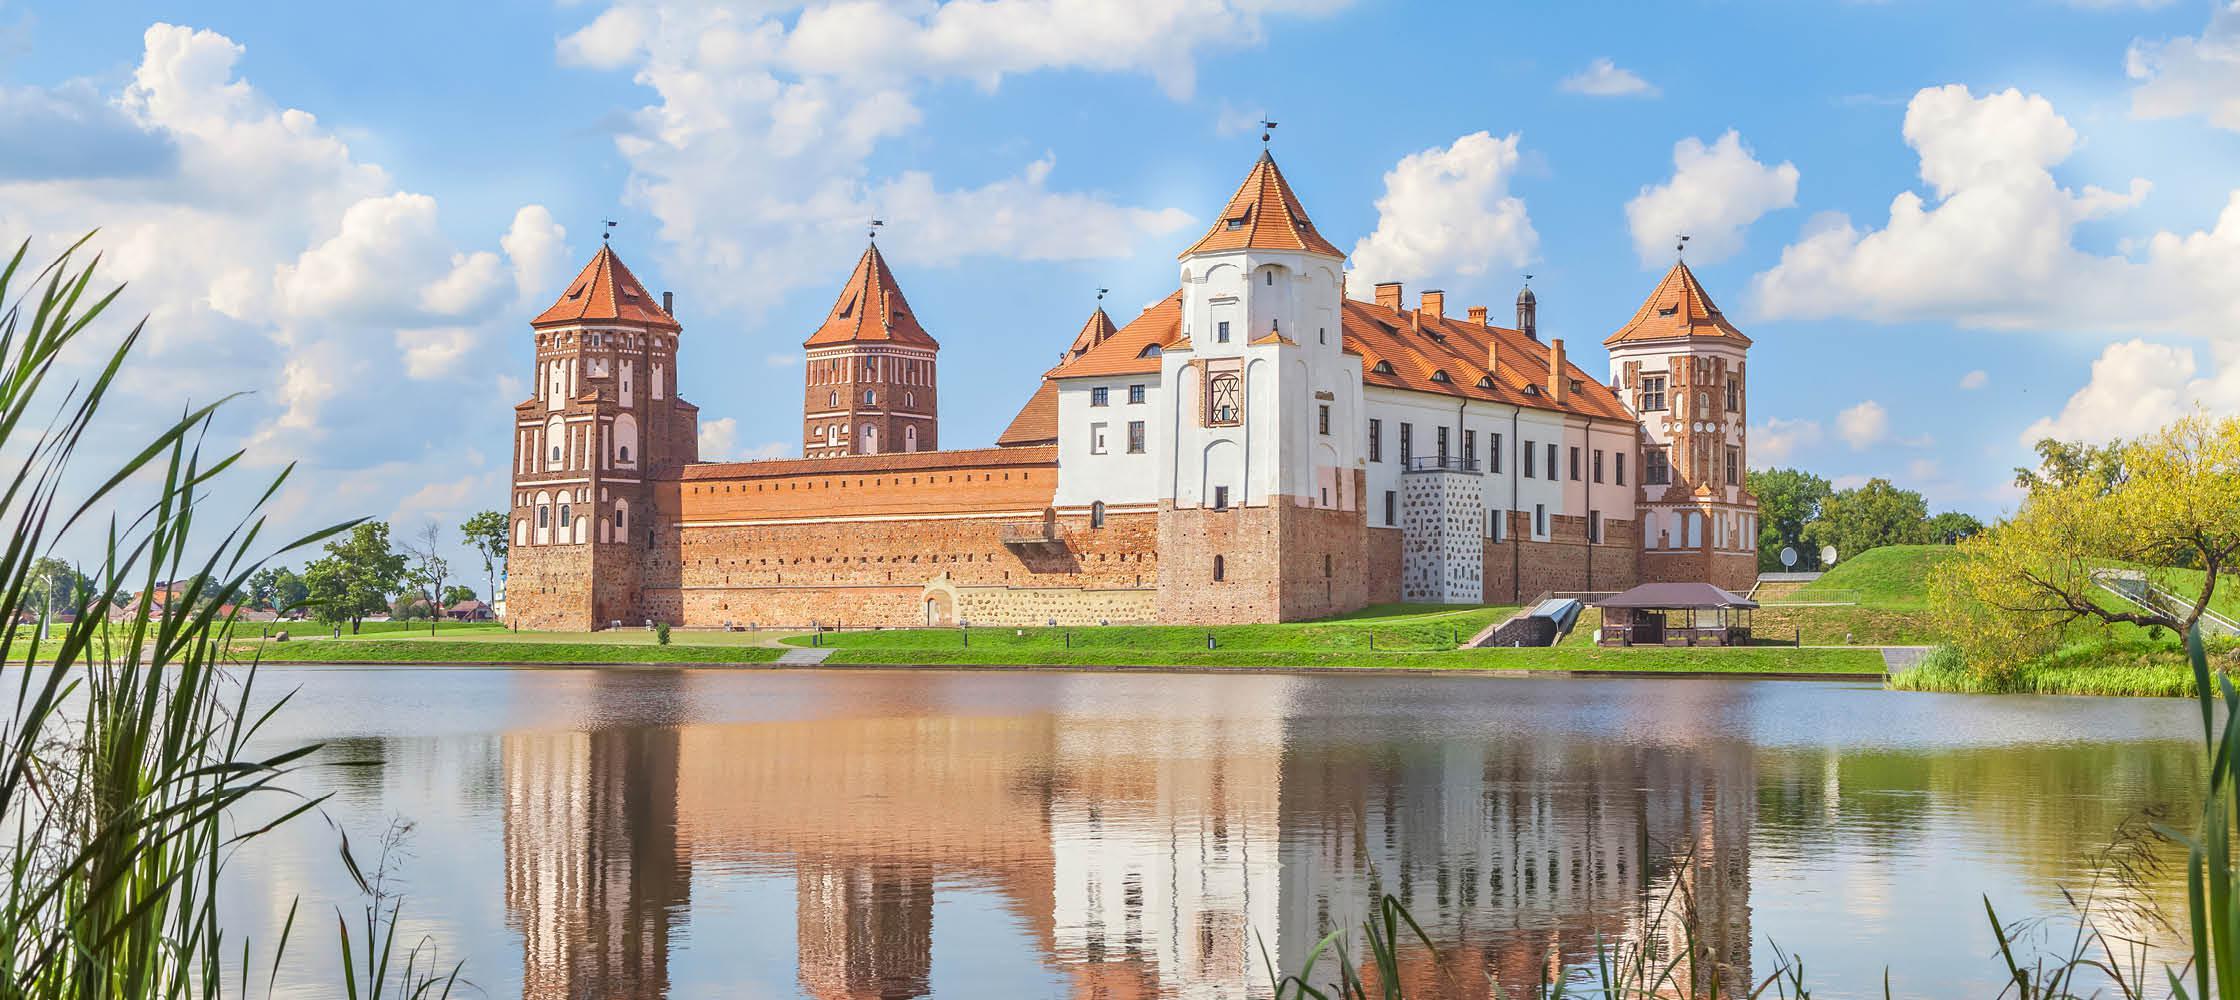 Mir slot i Hviderusland